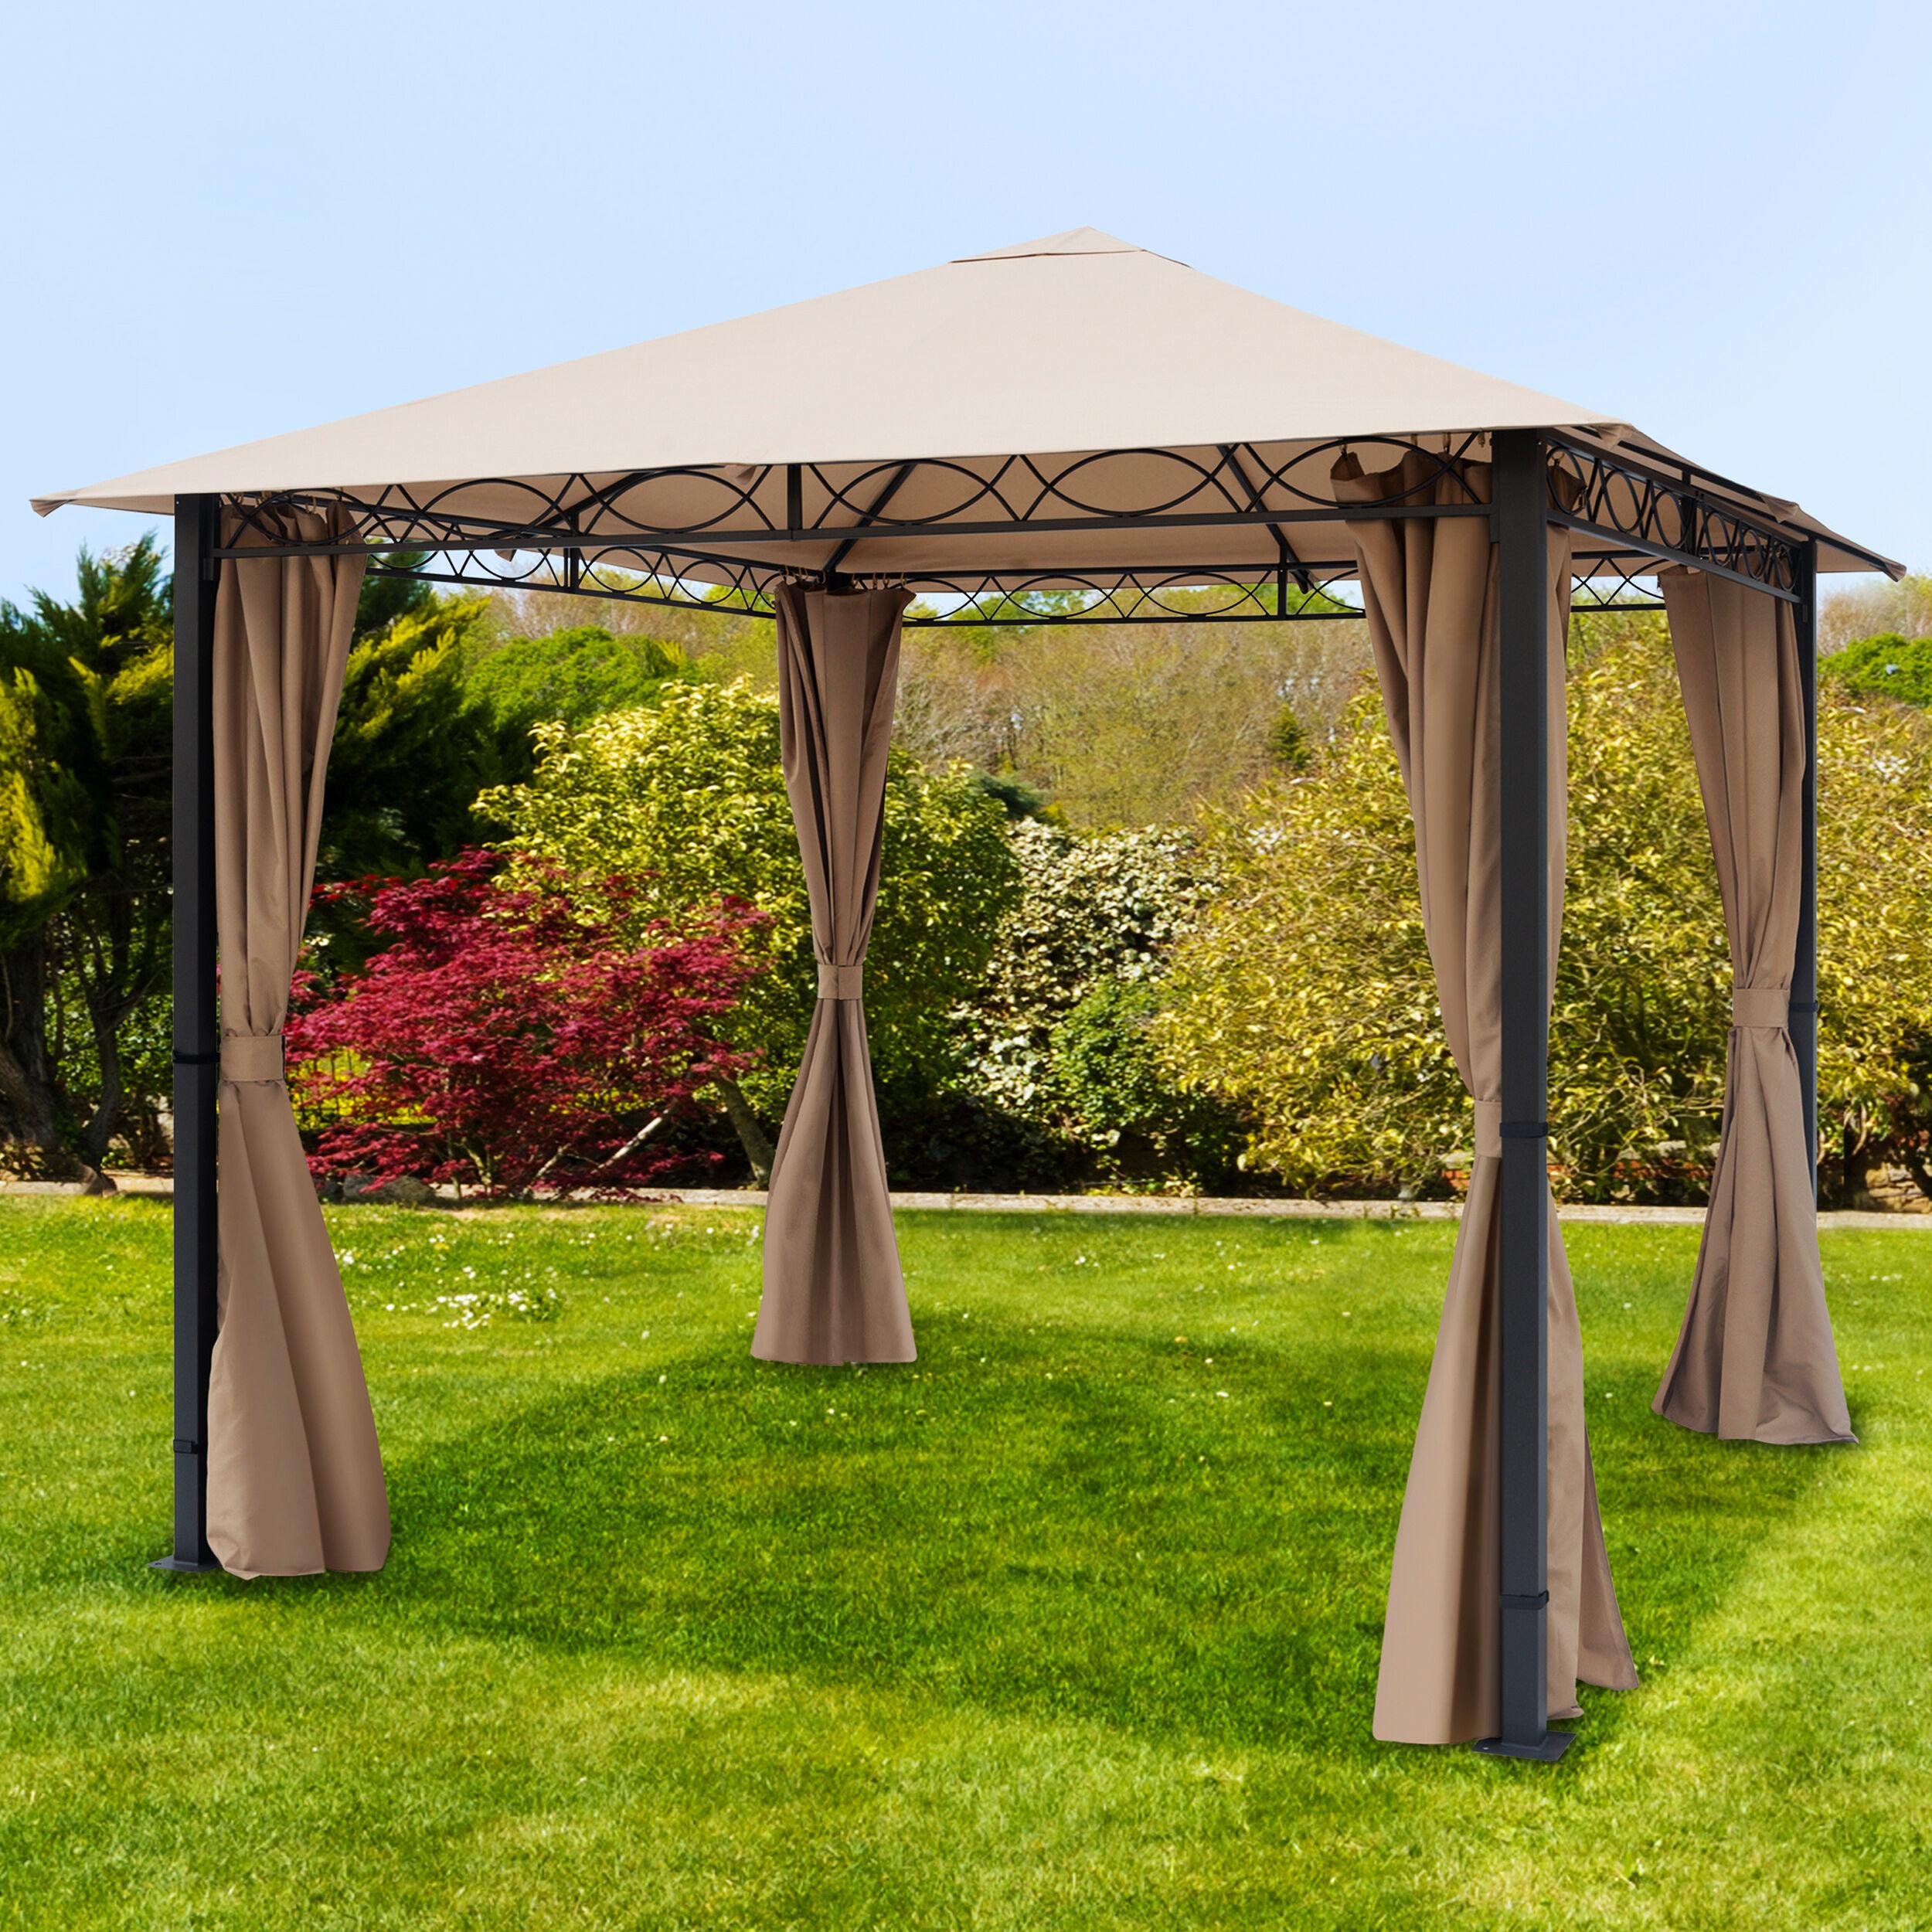 toolport gazebo da giardino 3x3m poliestere con rivestimento in pu 220 g/m² ocra impermeabile